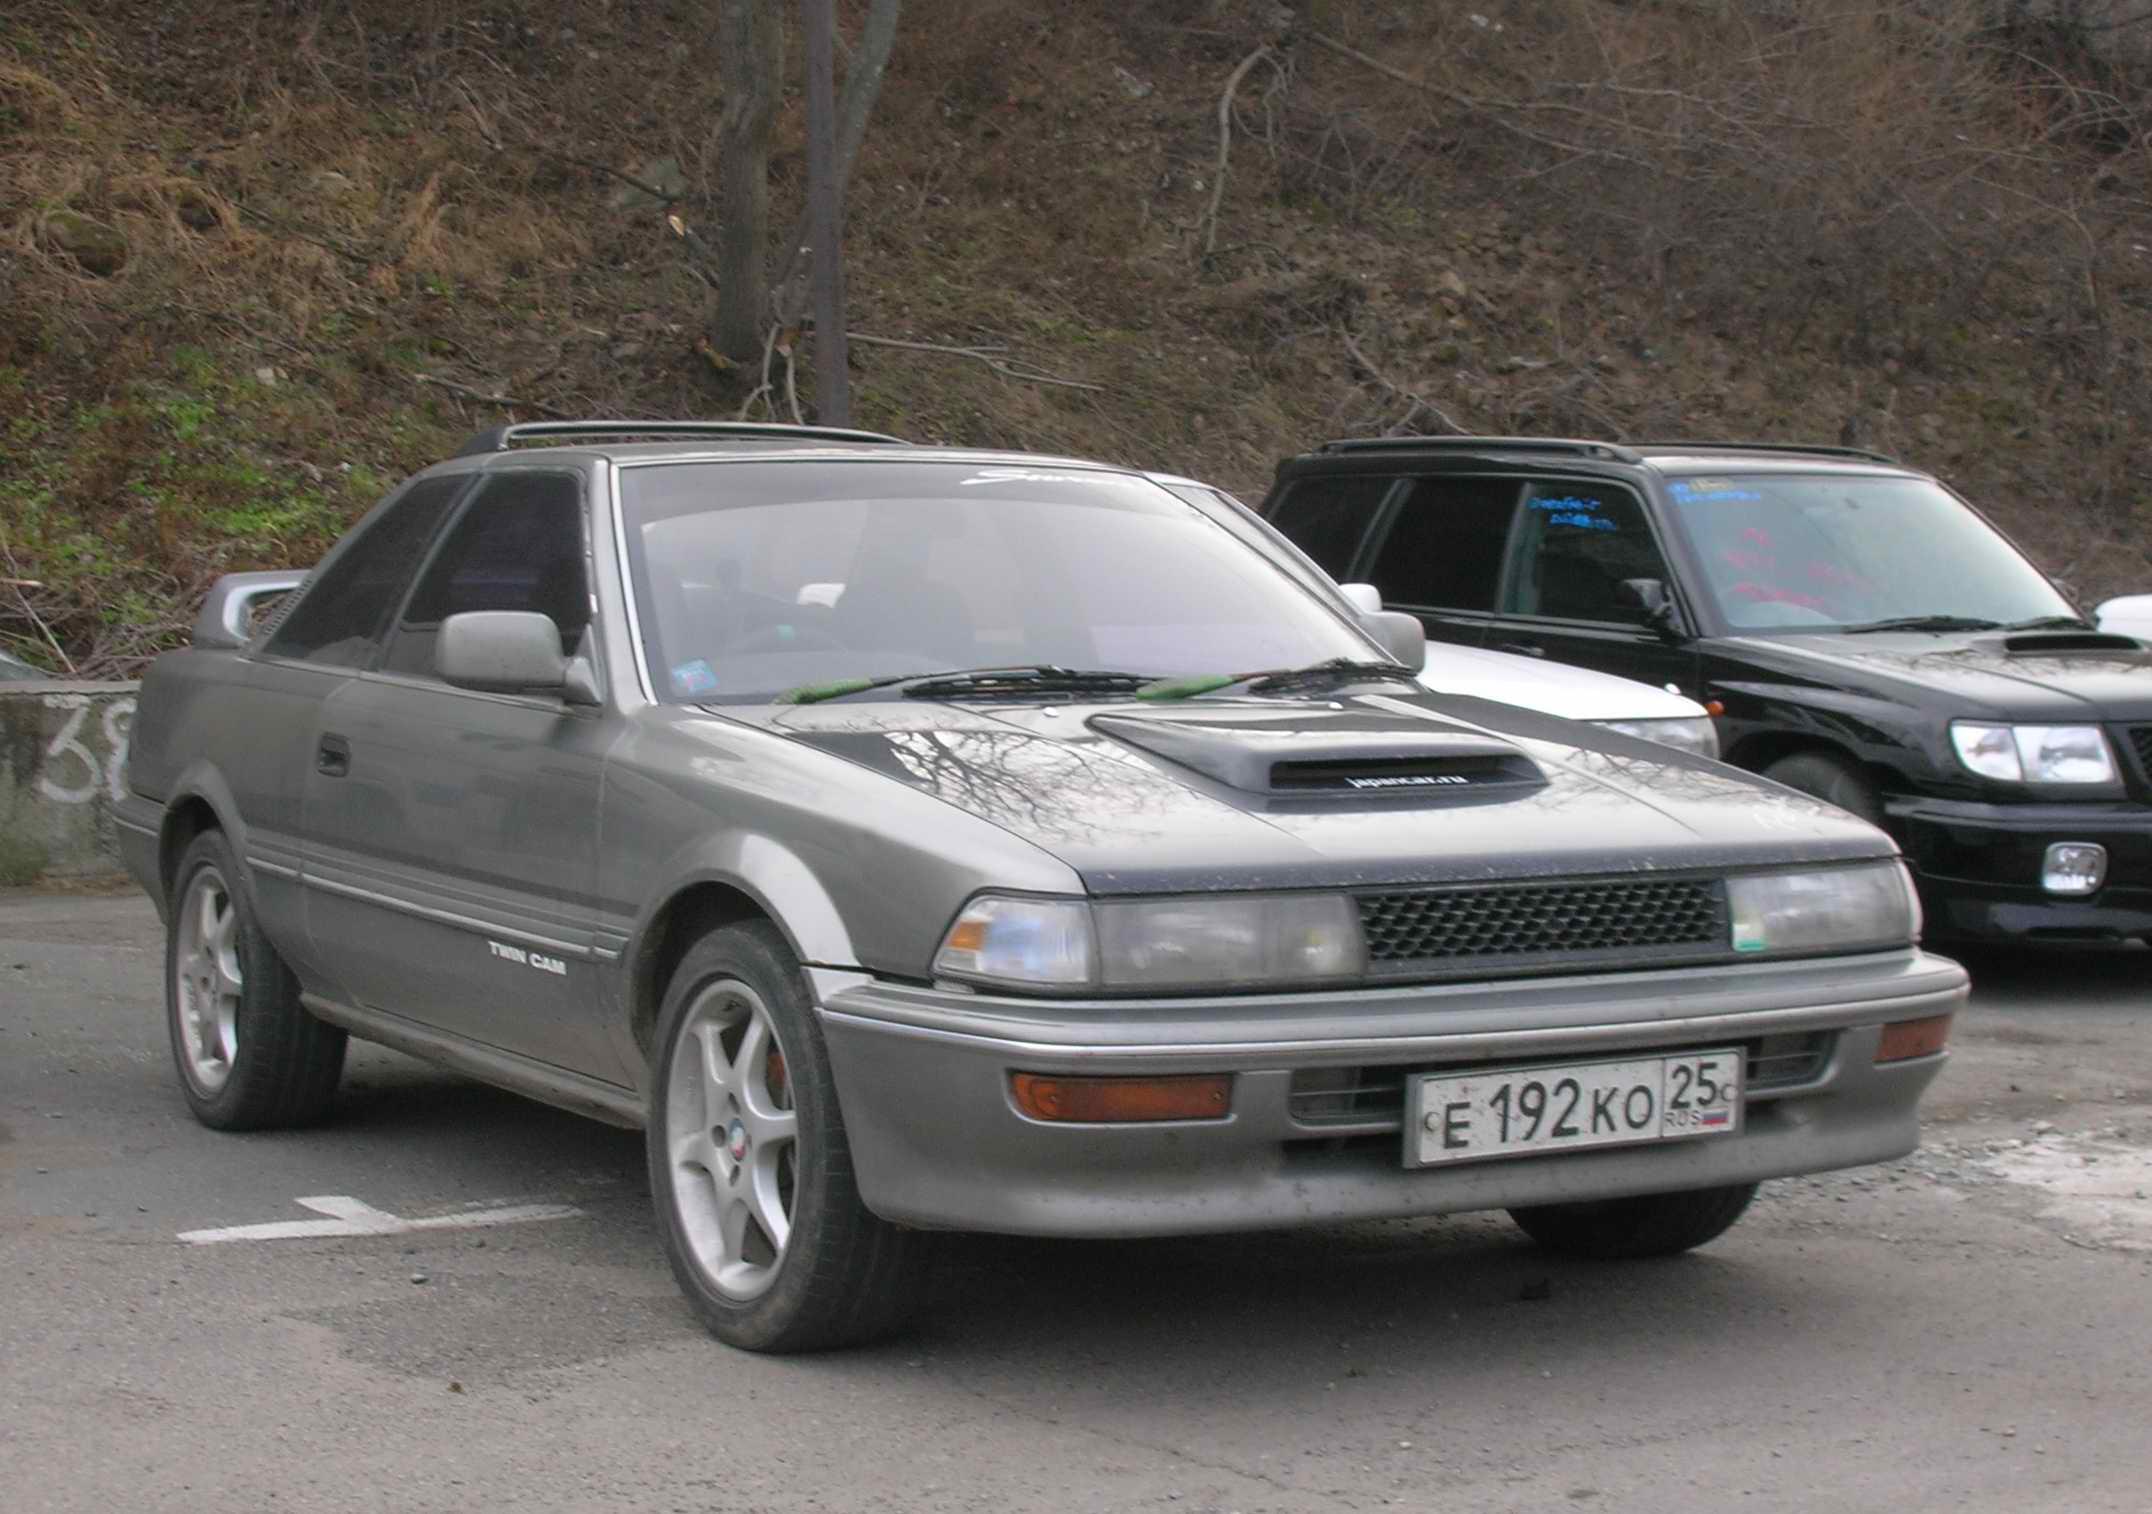 Kelebihan Kekurangan Toyota Corolla 1990 Perbandingan Harga